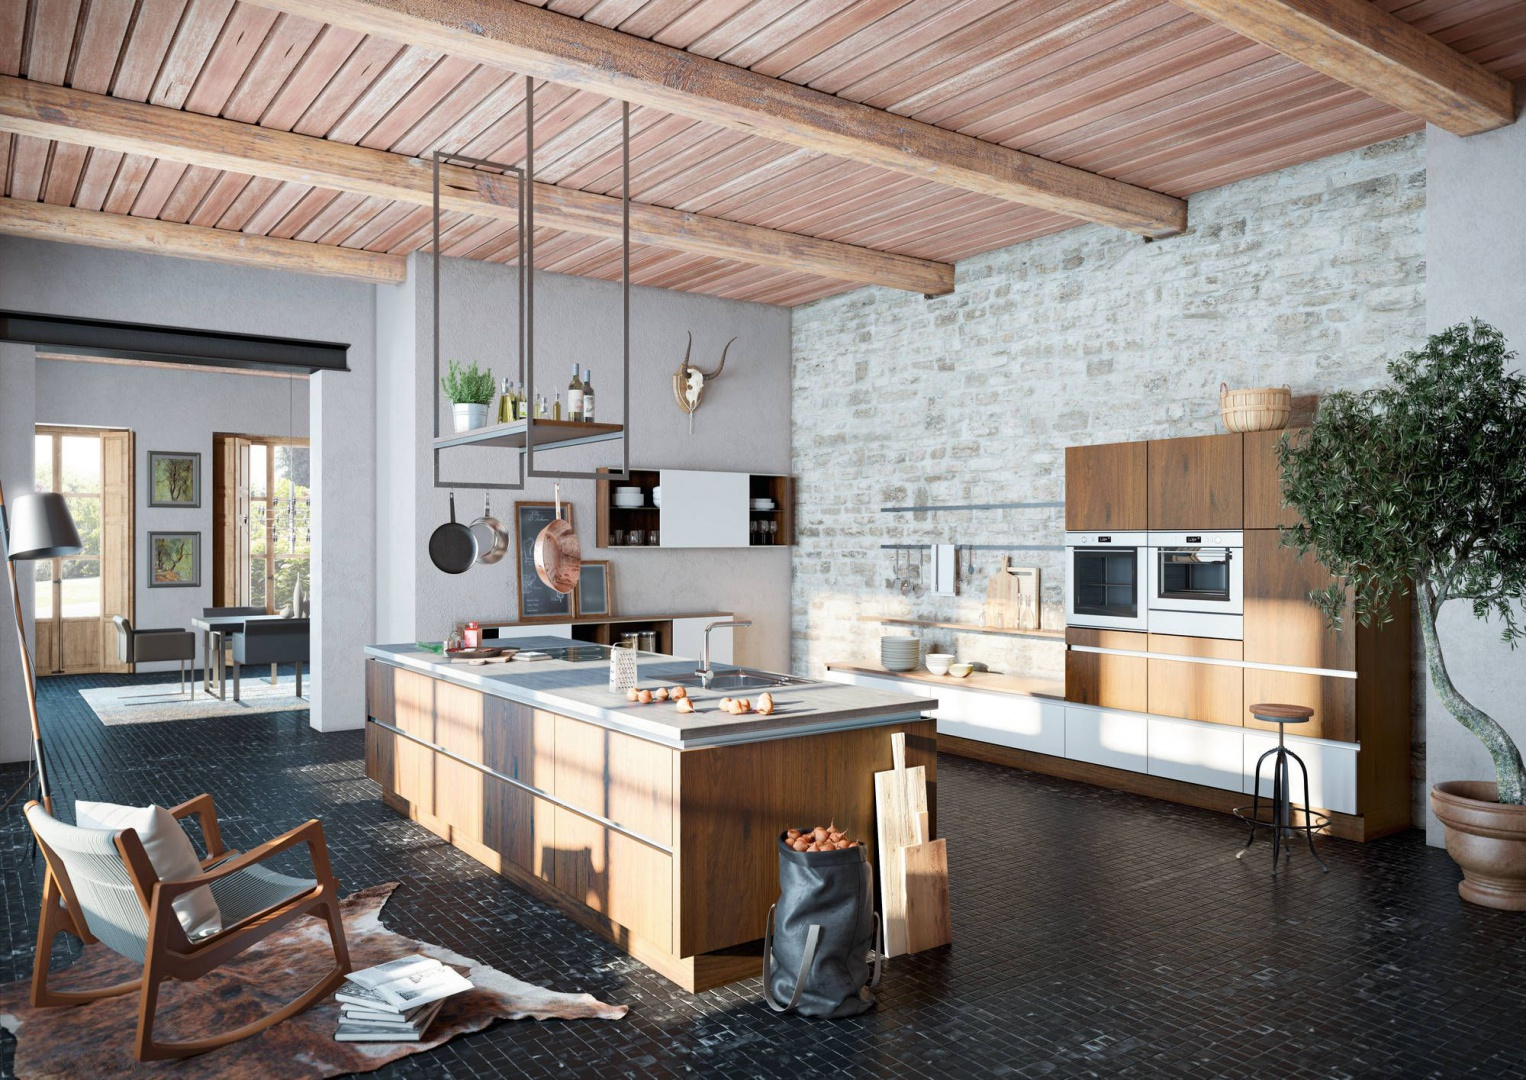 W tej kuchni meble są Cegła, kamień, drewno tak   -> Kuchnia I Cegla